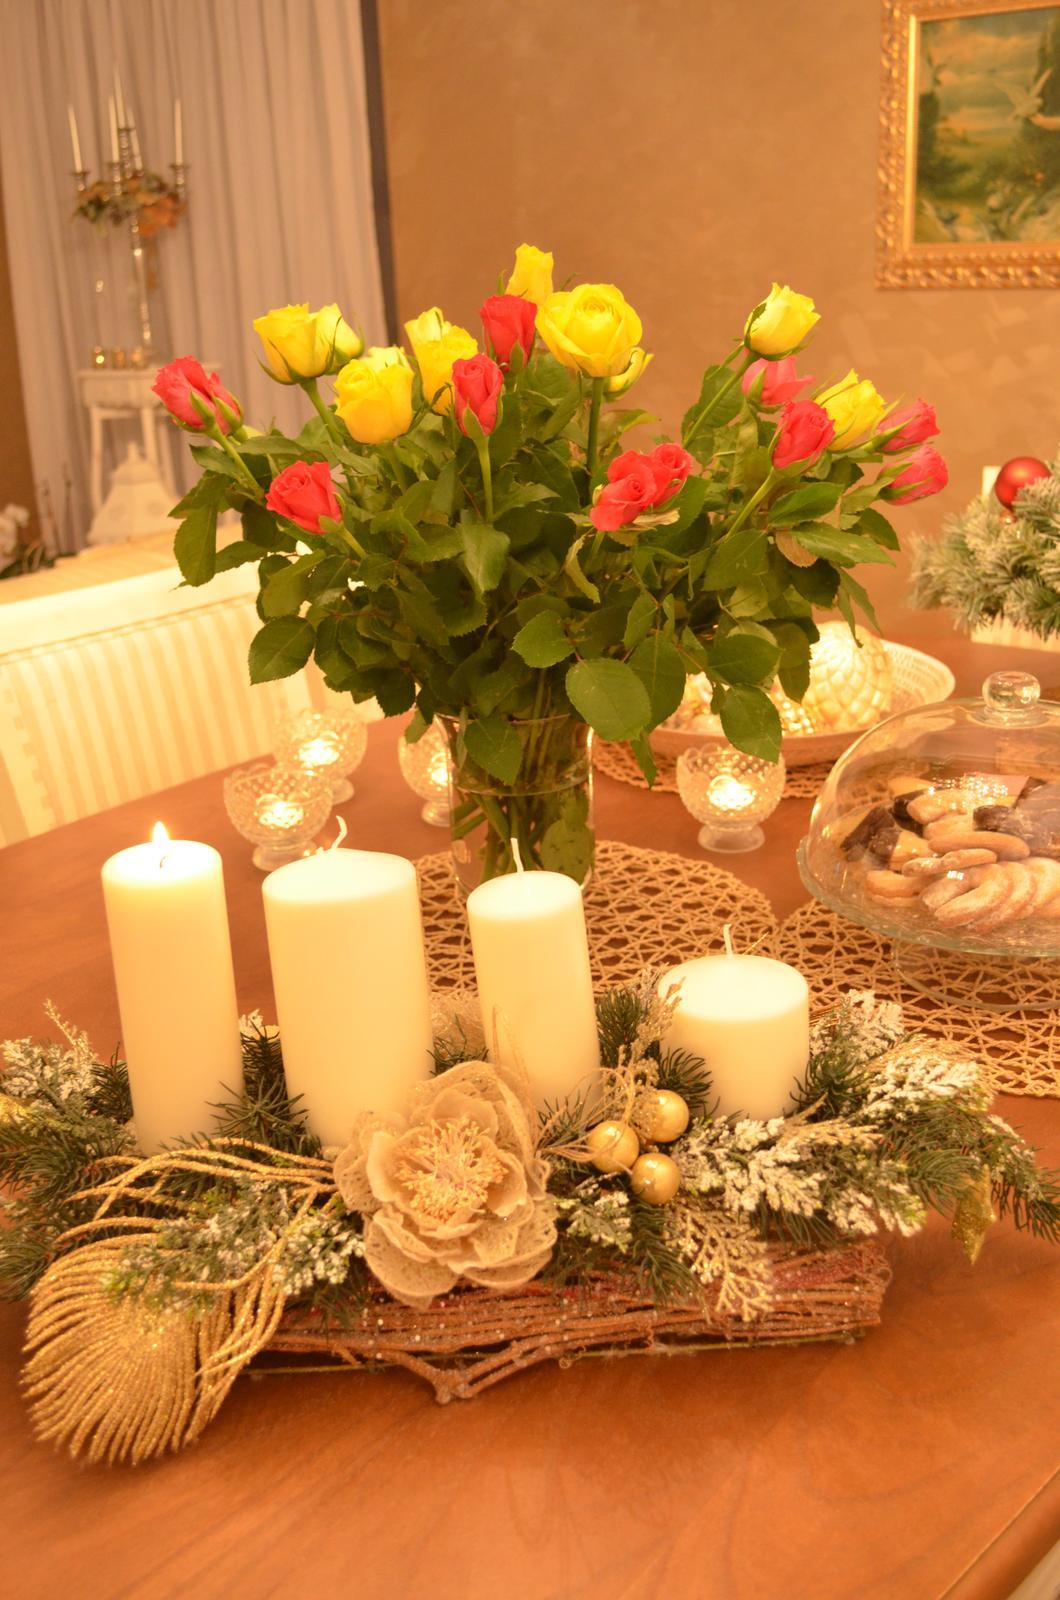 Dom s nádychom provensál - krásnu prvú adventnú nedeľu prajeme :-)